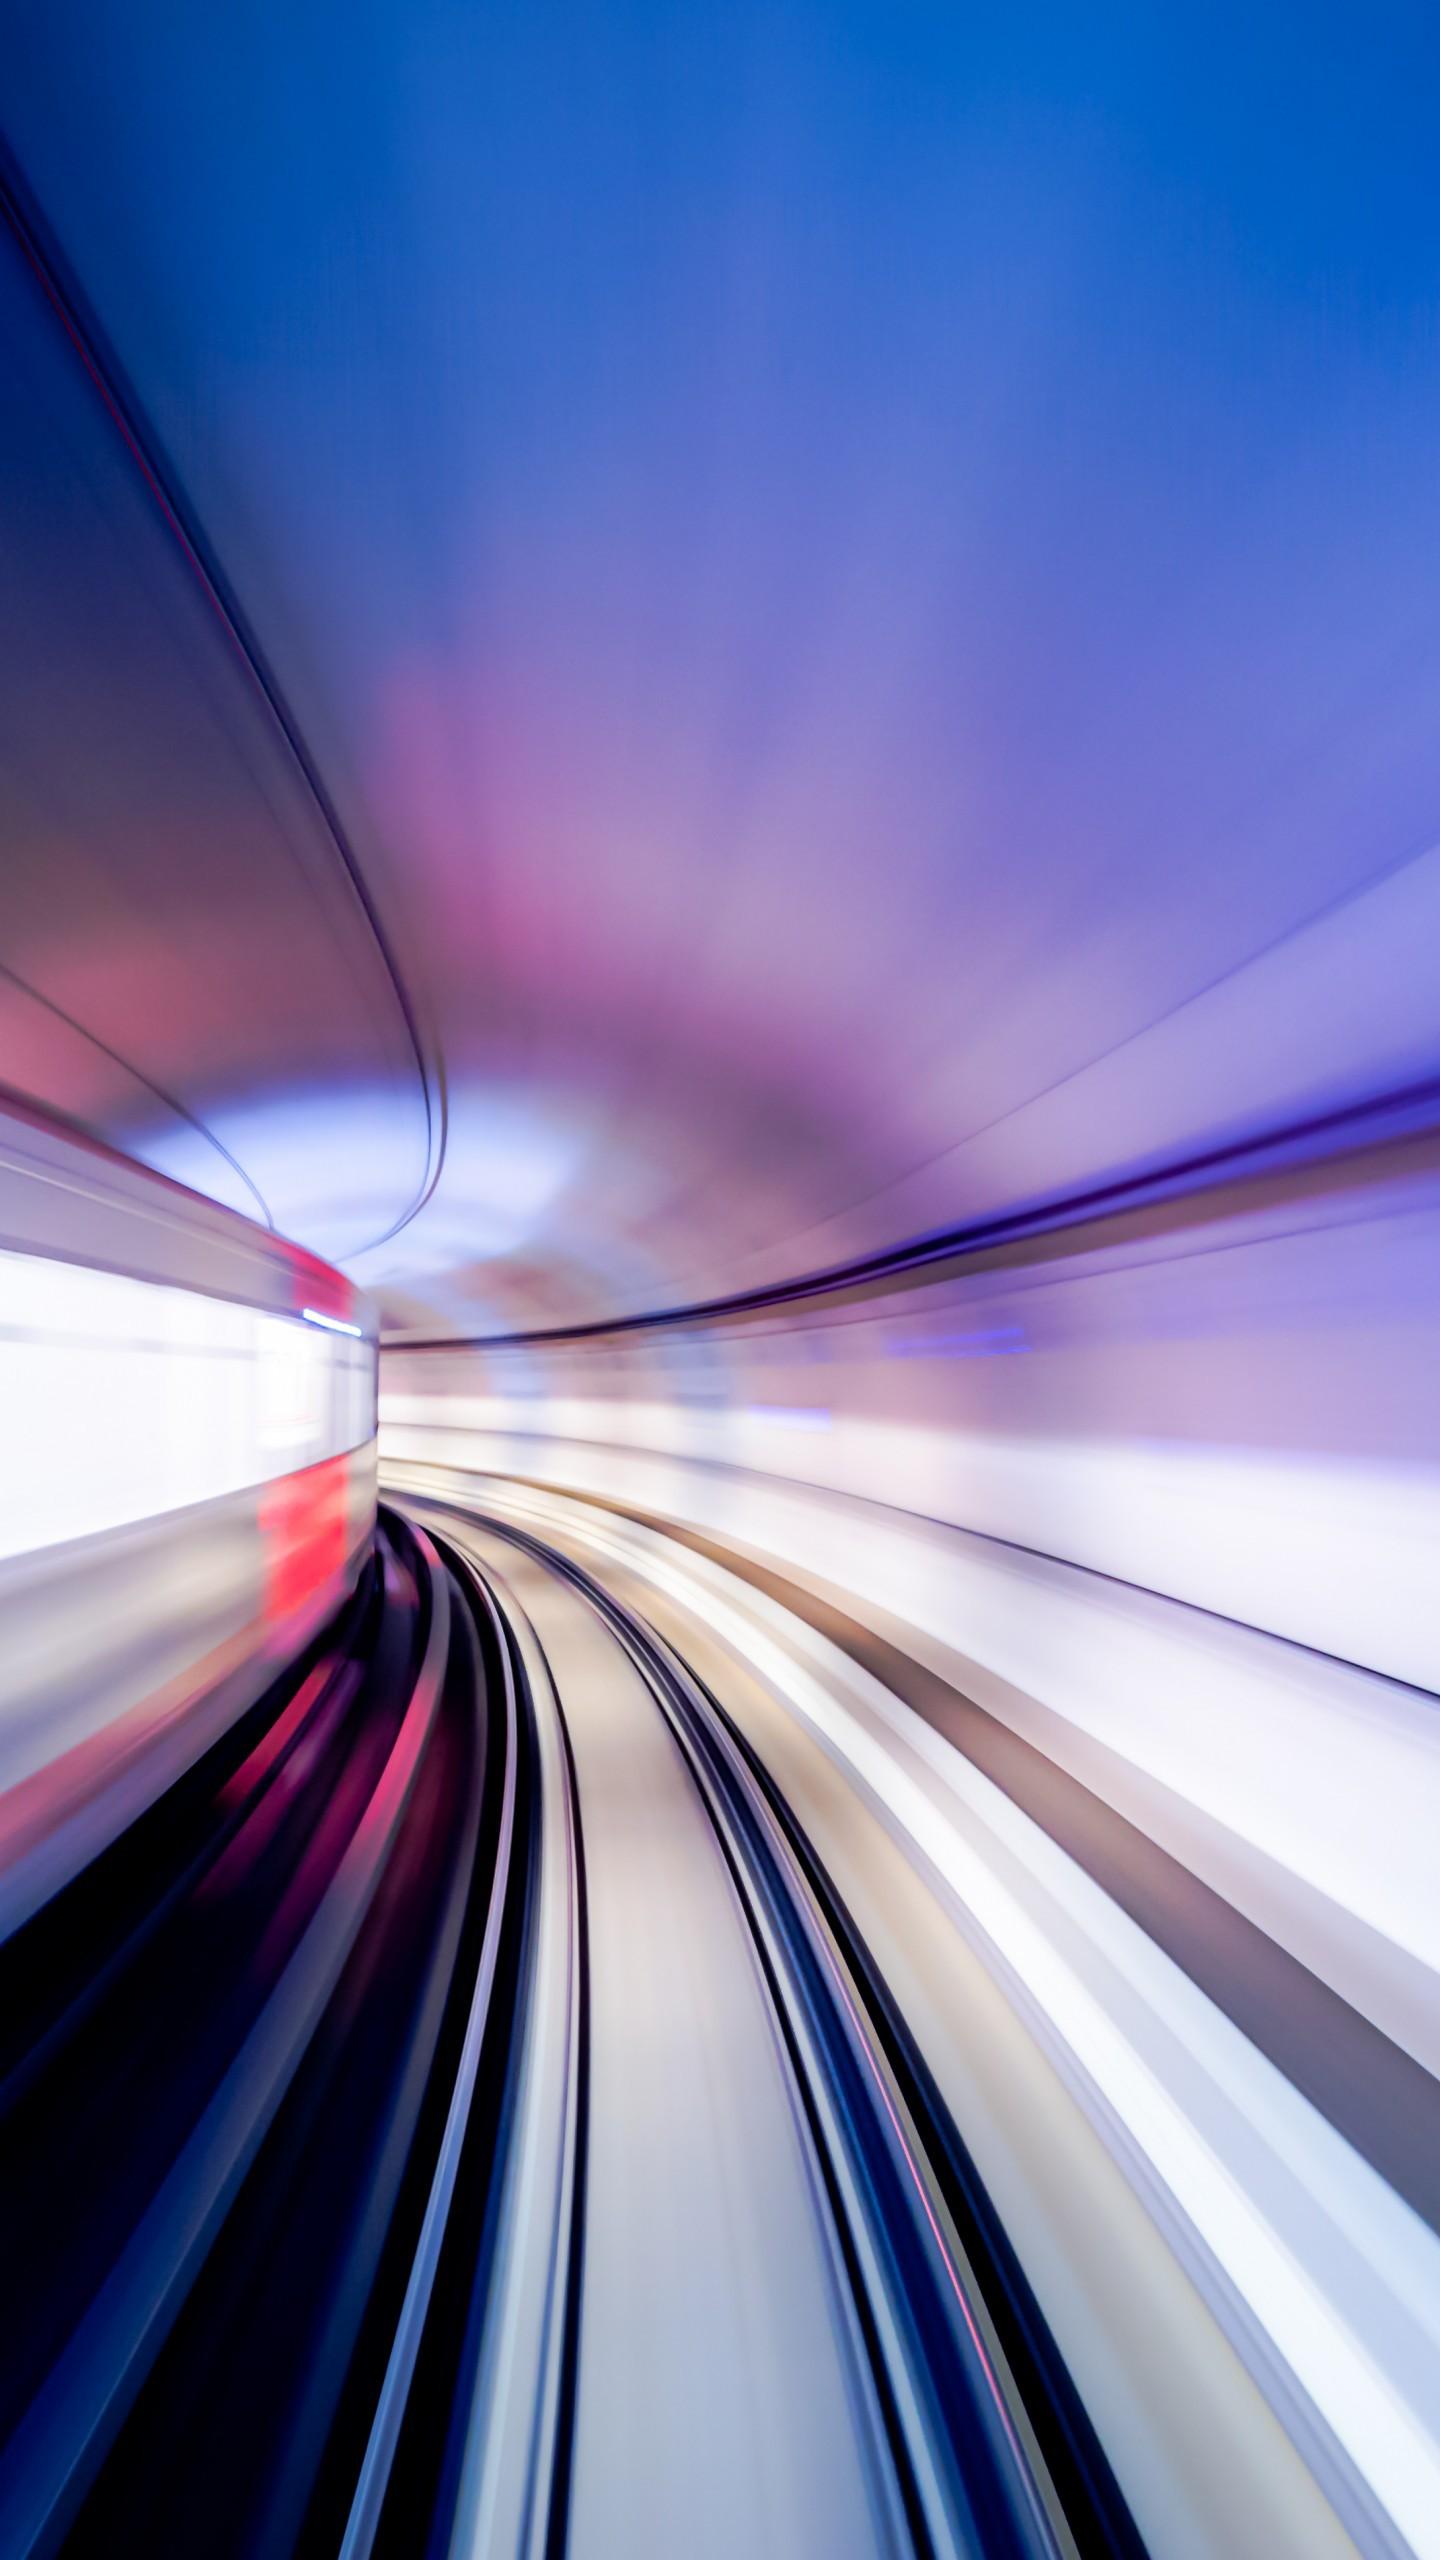 عکس زمینه عکسبرداری از تونل طولانی رنگارنگ پس زمینه